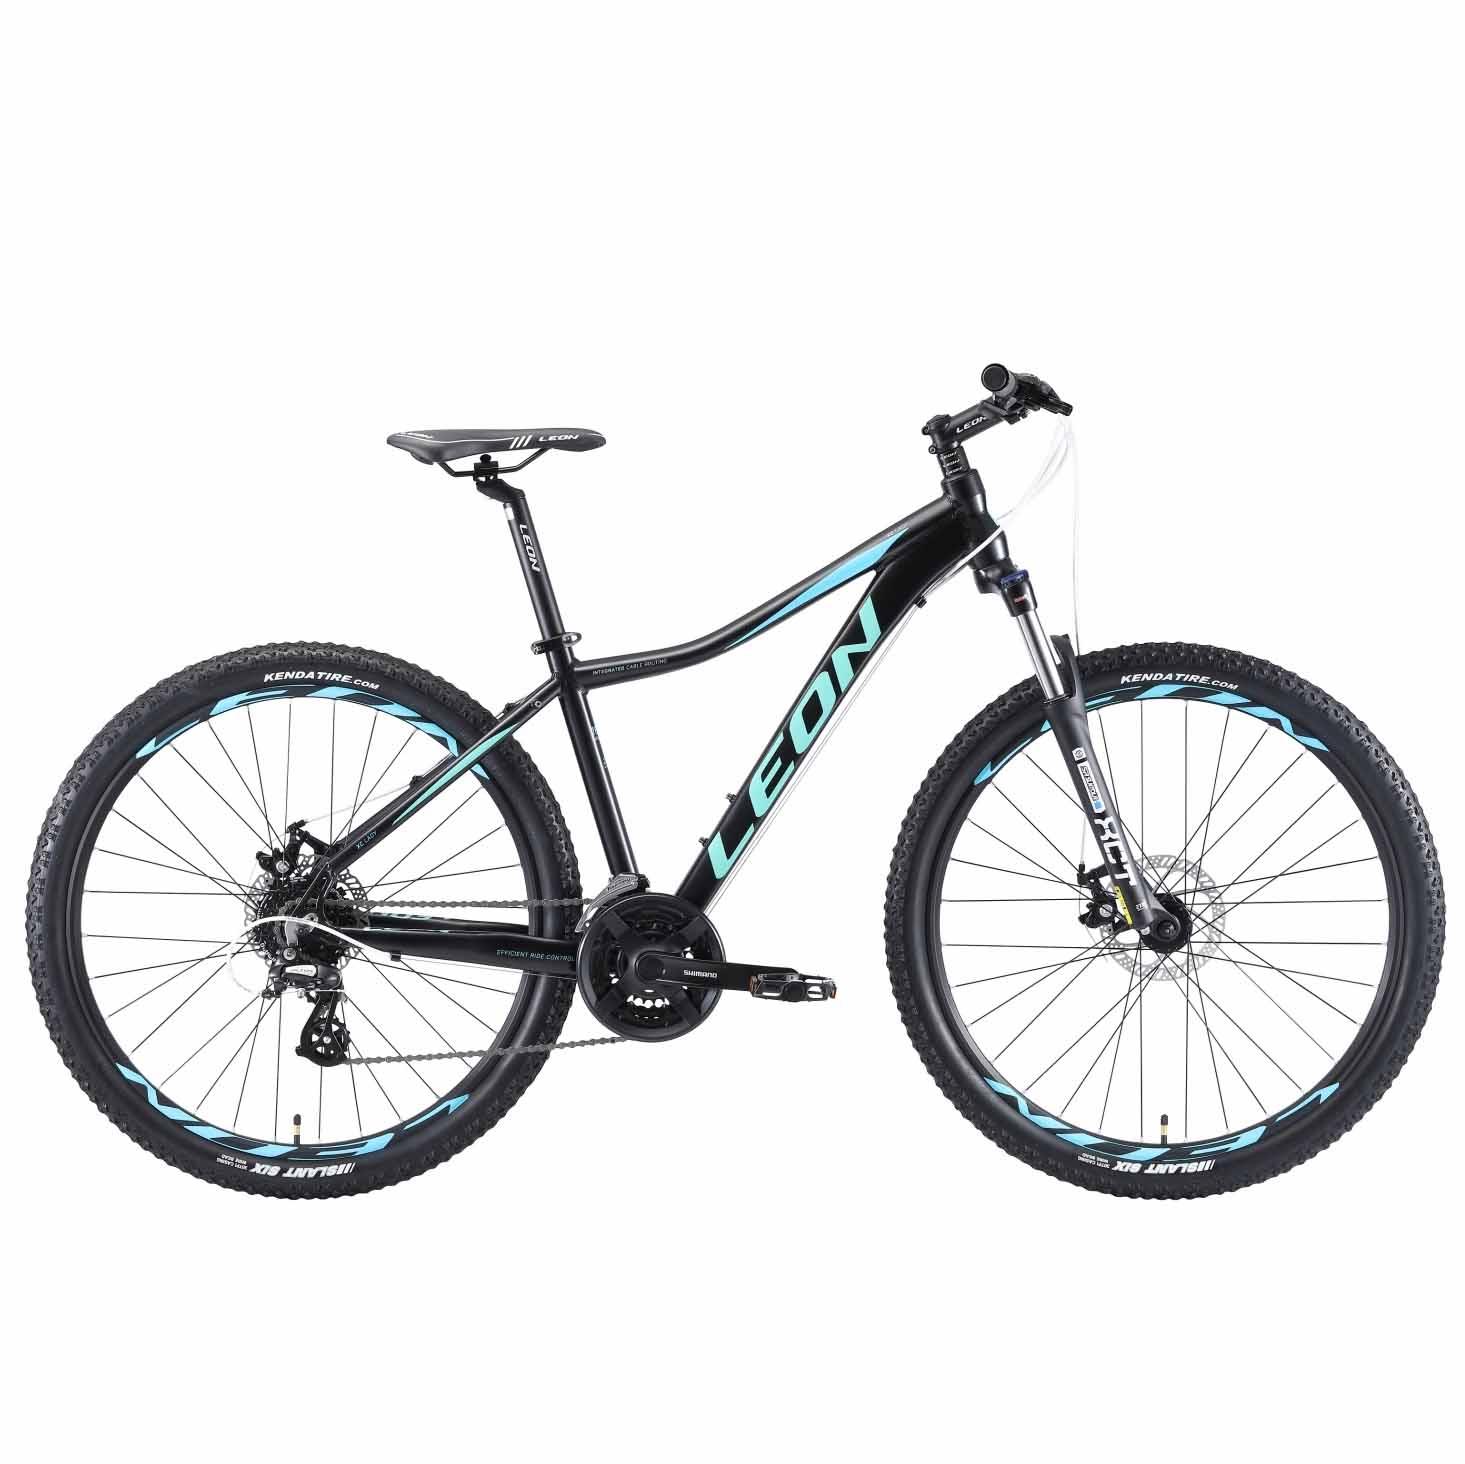 Фото Горный Велосипед 27.5 Leon XC-LADY DD  черно-мятный с голубым  2019